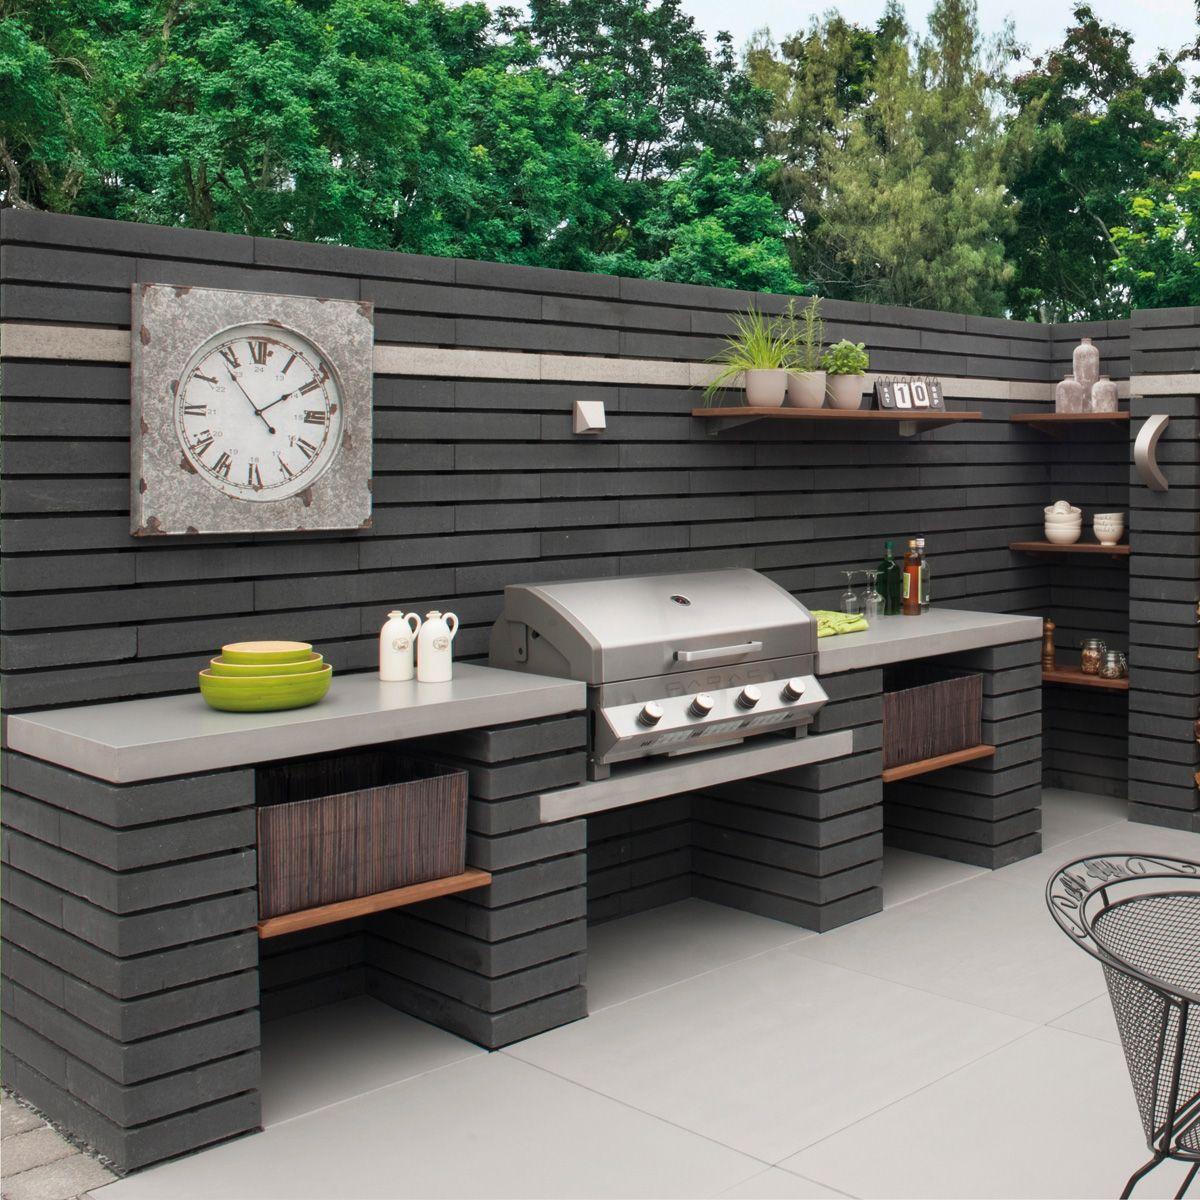 Asador En Terraza Outdoor Kitchen Design Outdoor Cooking Area Outdoor Kitchen Outdoor garden kitchen designs